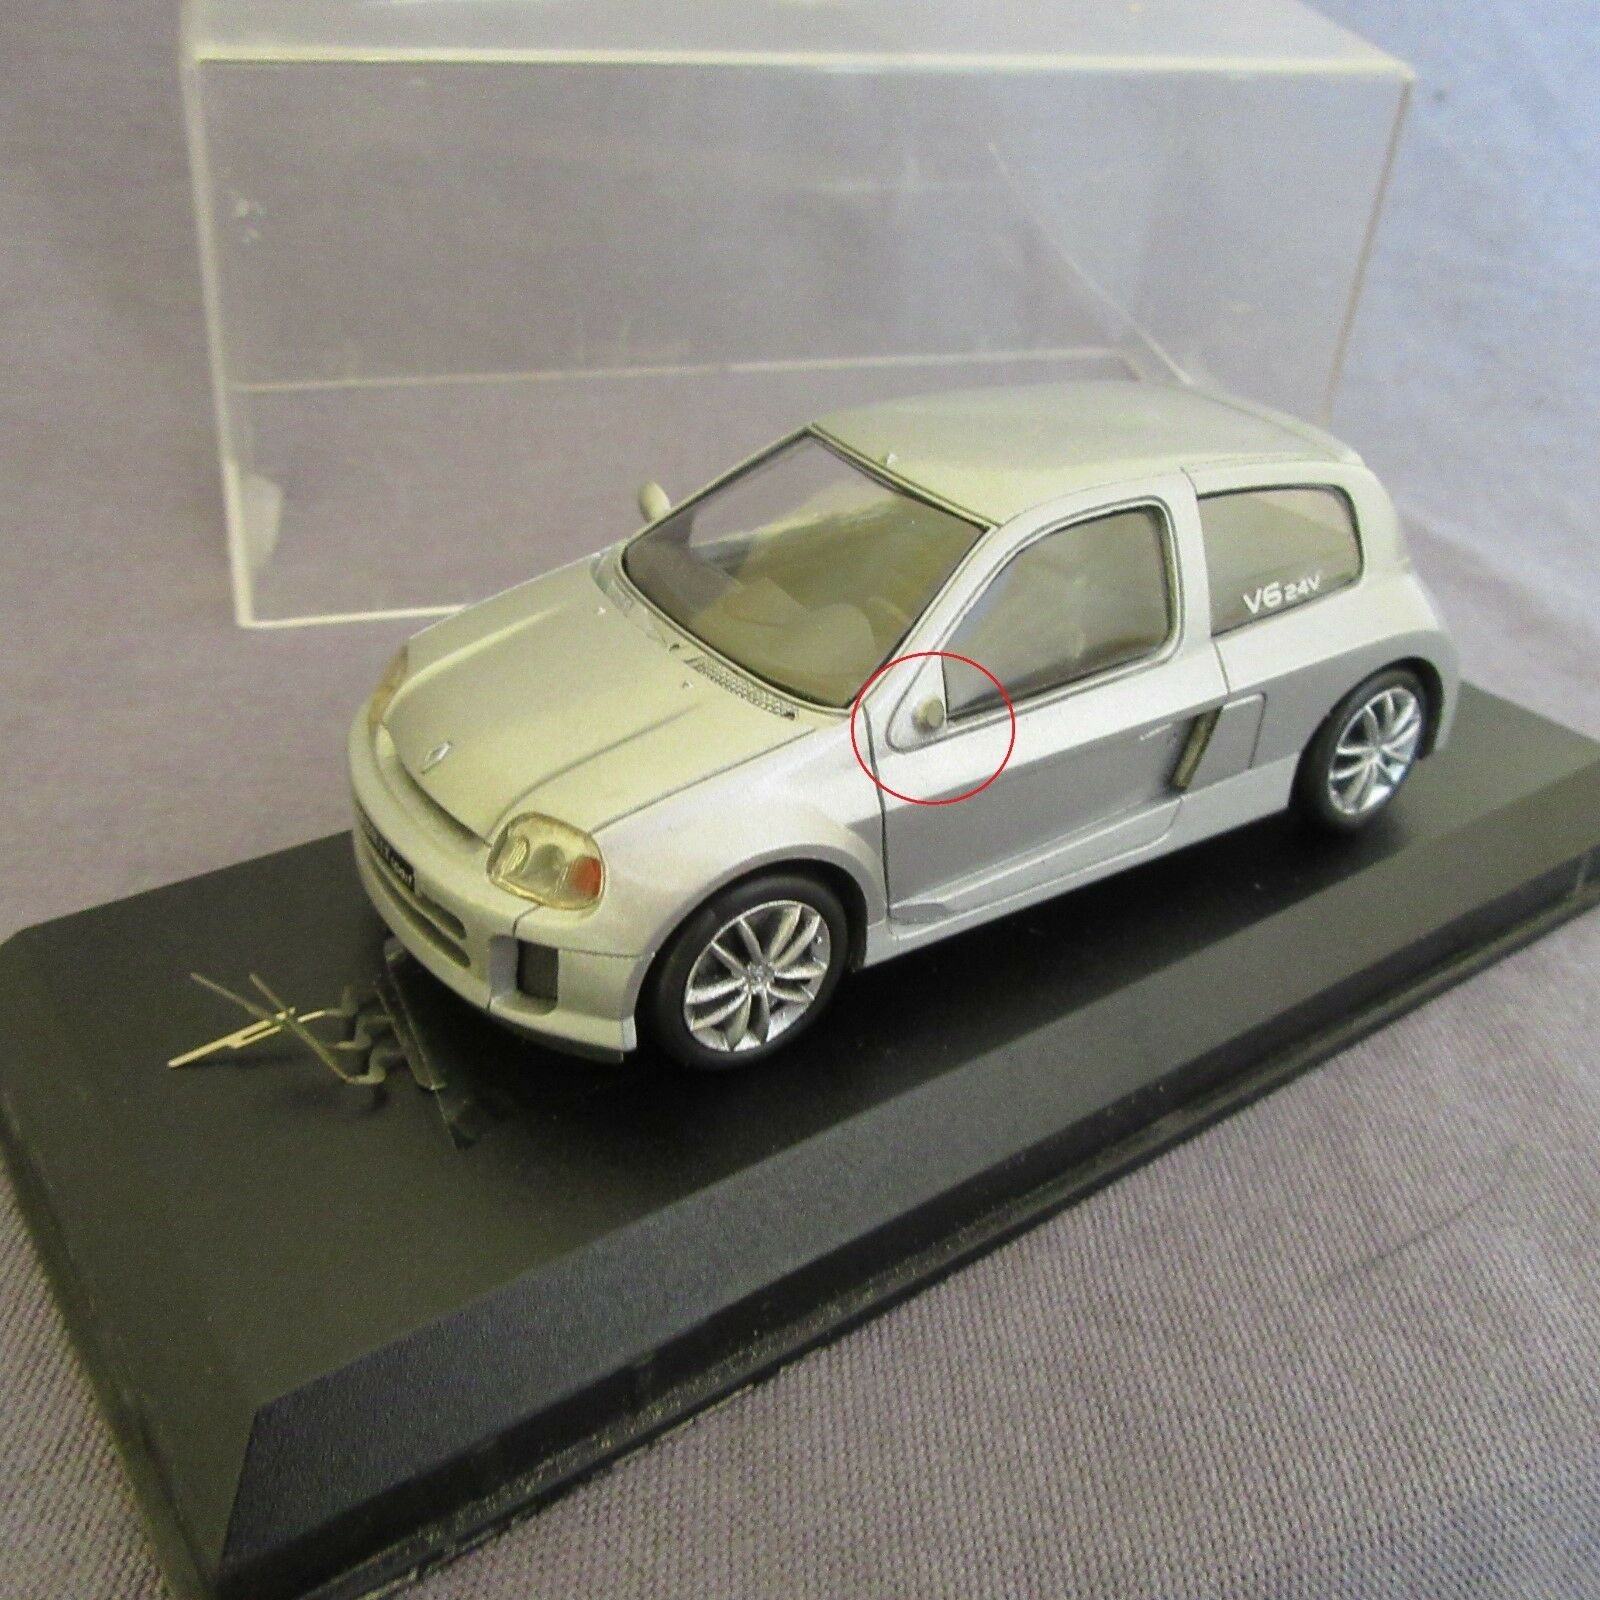 597E GTS 1 43 Kit Renault Sport Clio Phase I V6